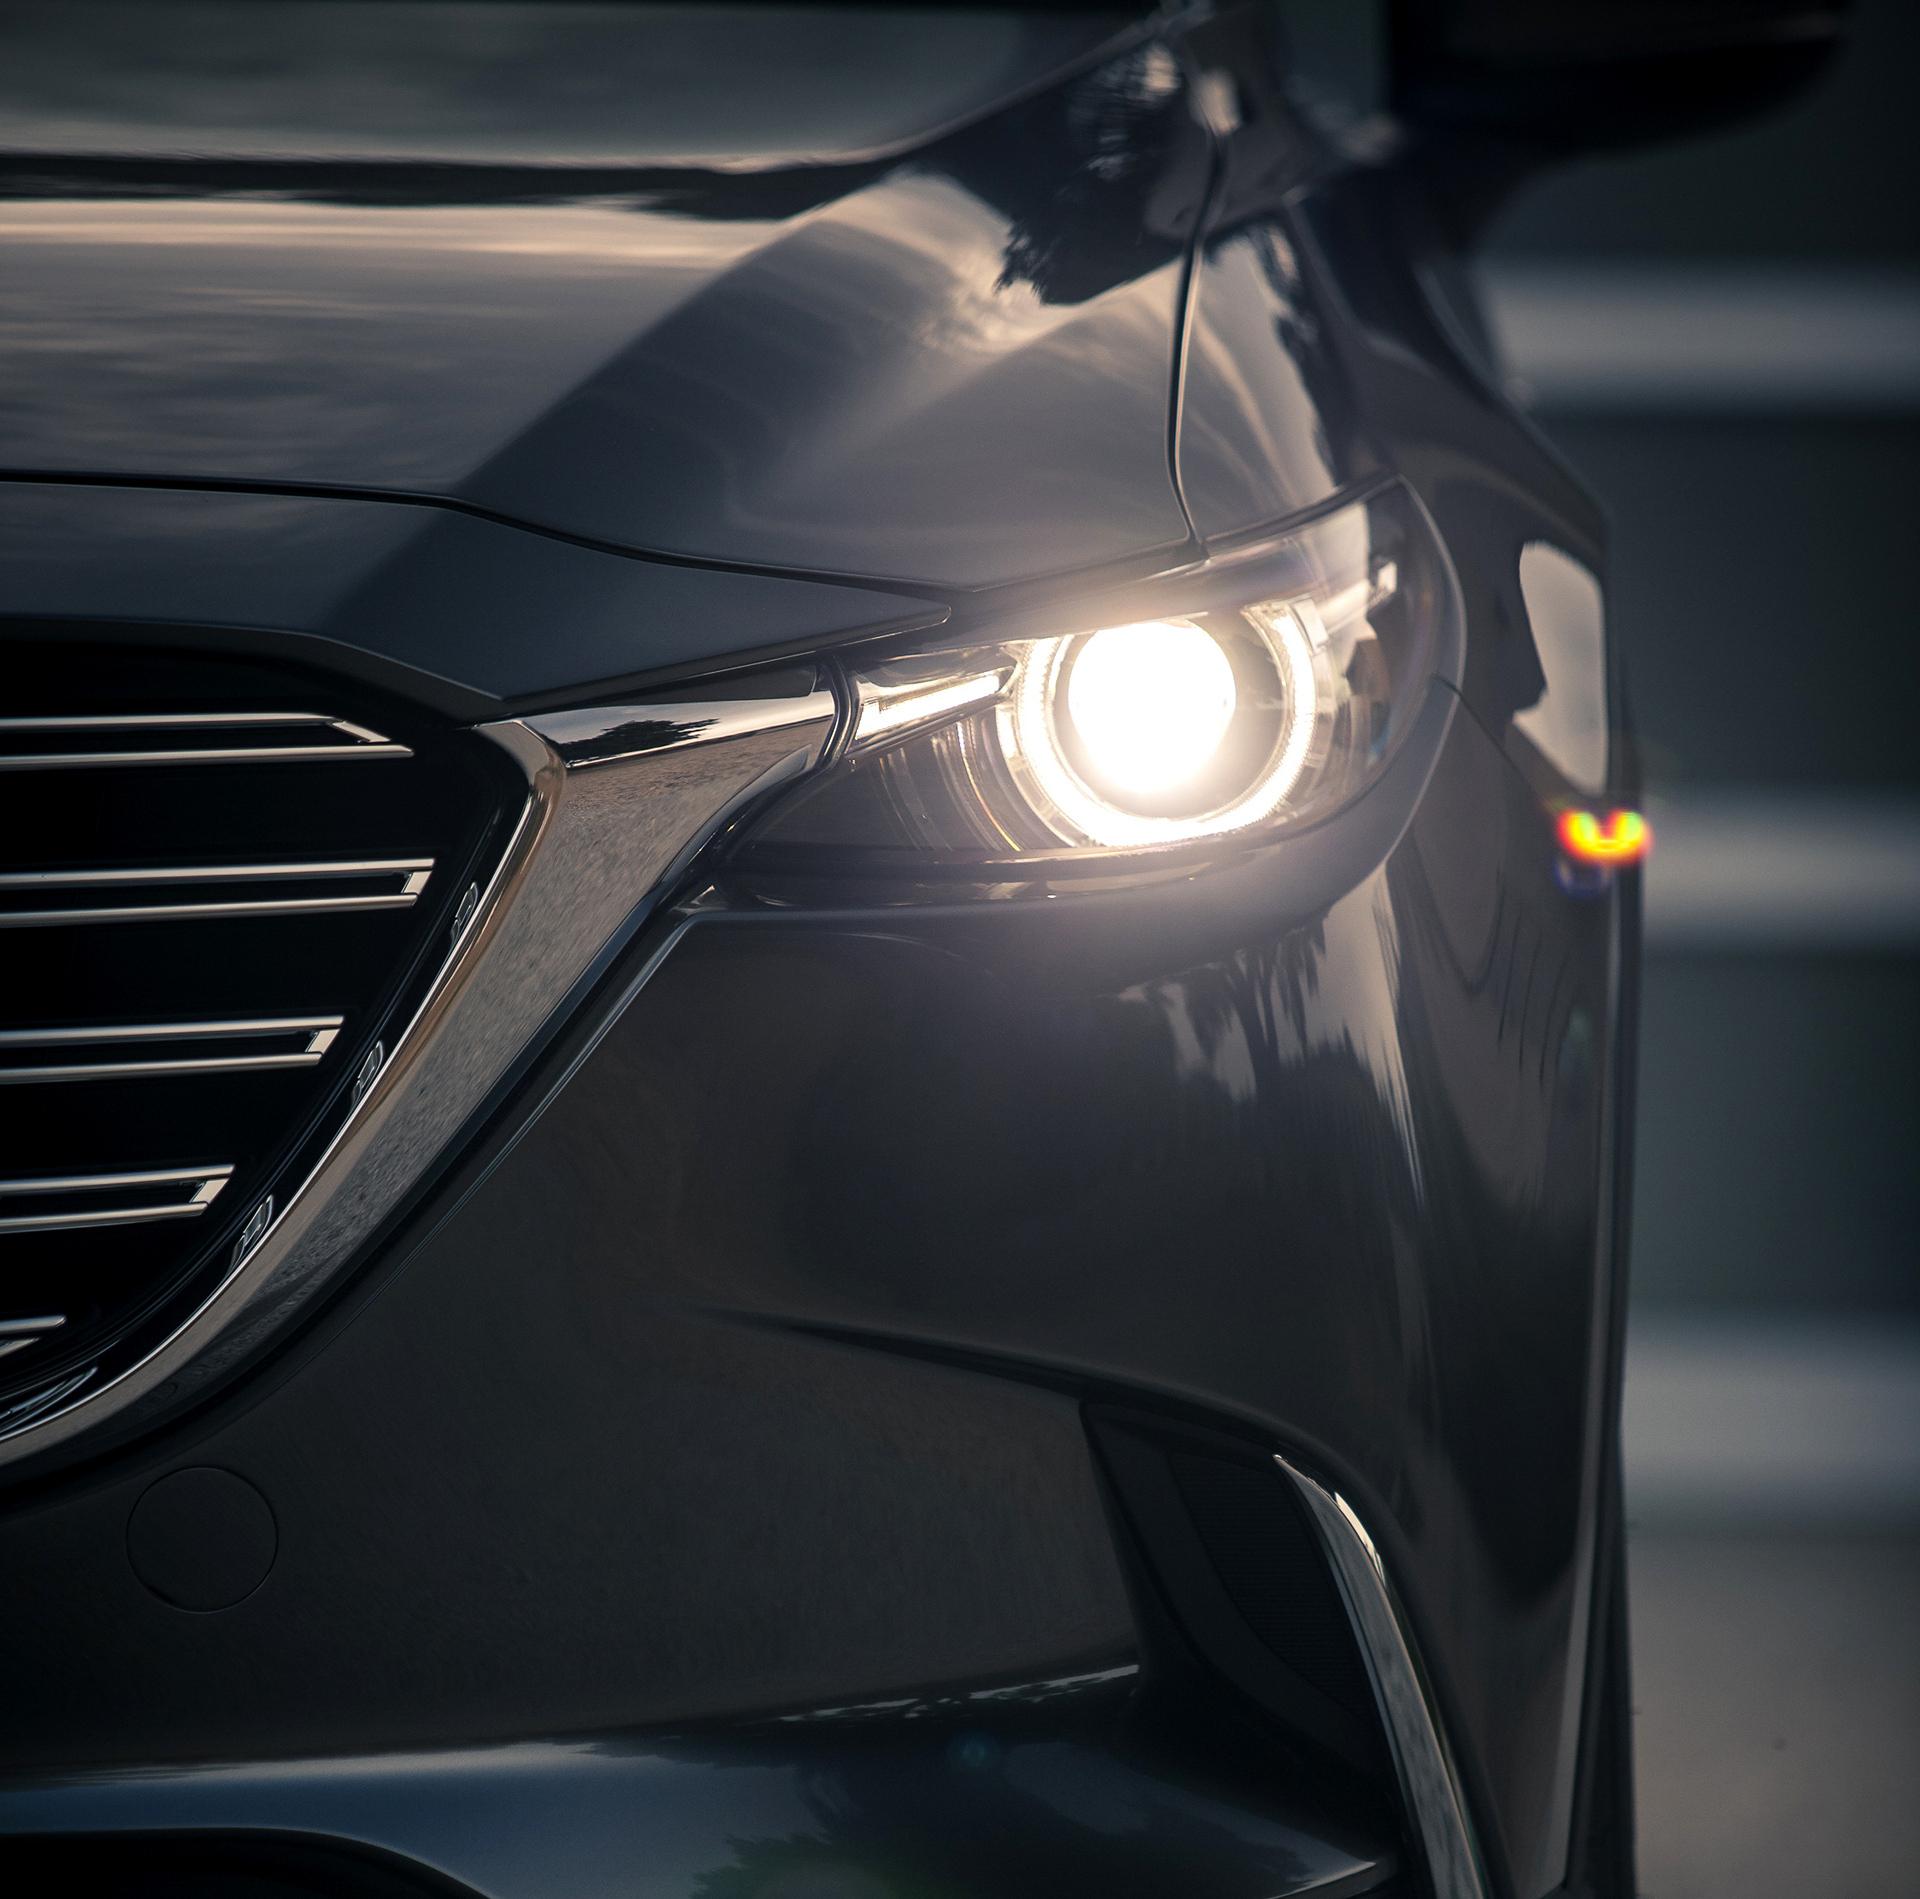 2016 Mazda CX-9 © Mazda Motor Corporation